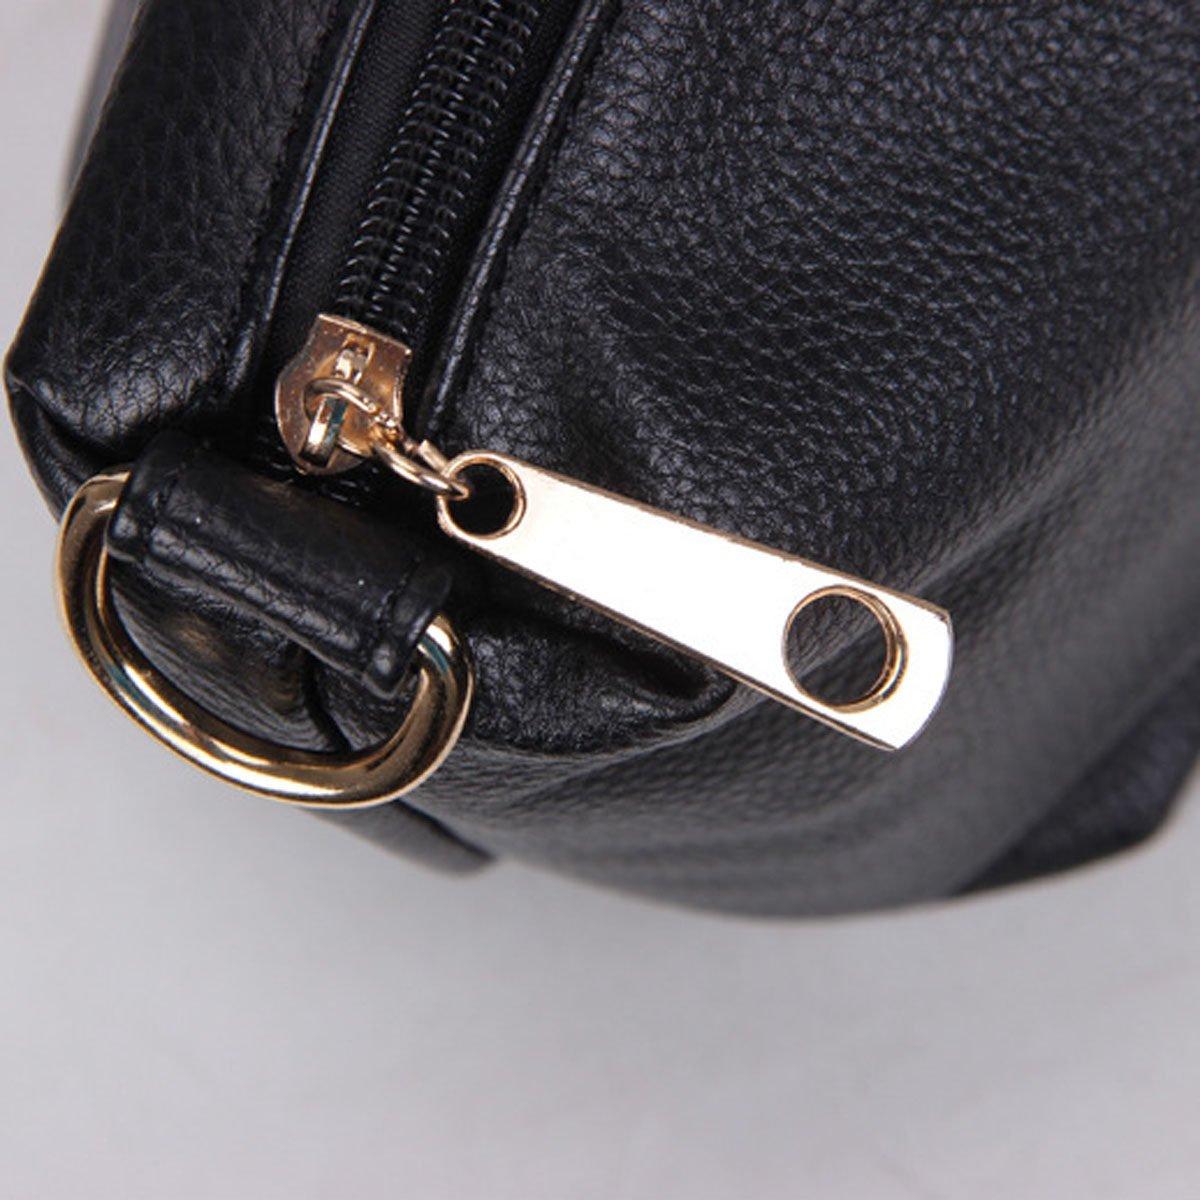 ADEMI ADEMI ADEMI Frauen Arbeiten Schulter-Handtasche Beutel Zwei Beutel Echten PU-Leder-Tasche MultiFarbe B0745J61GQ Henkeltaschen Angemessene Lieferung und pünktliche Lieferung 2e4a2a